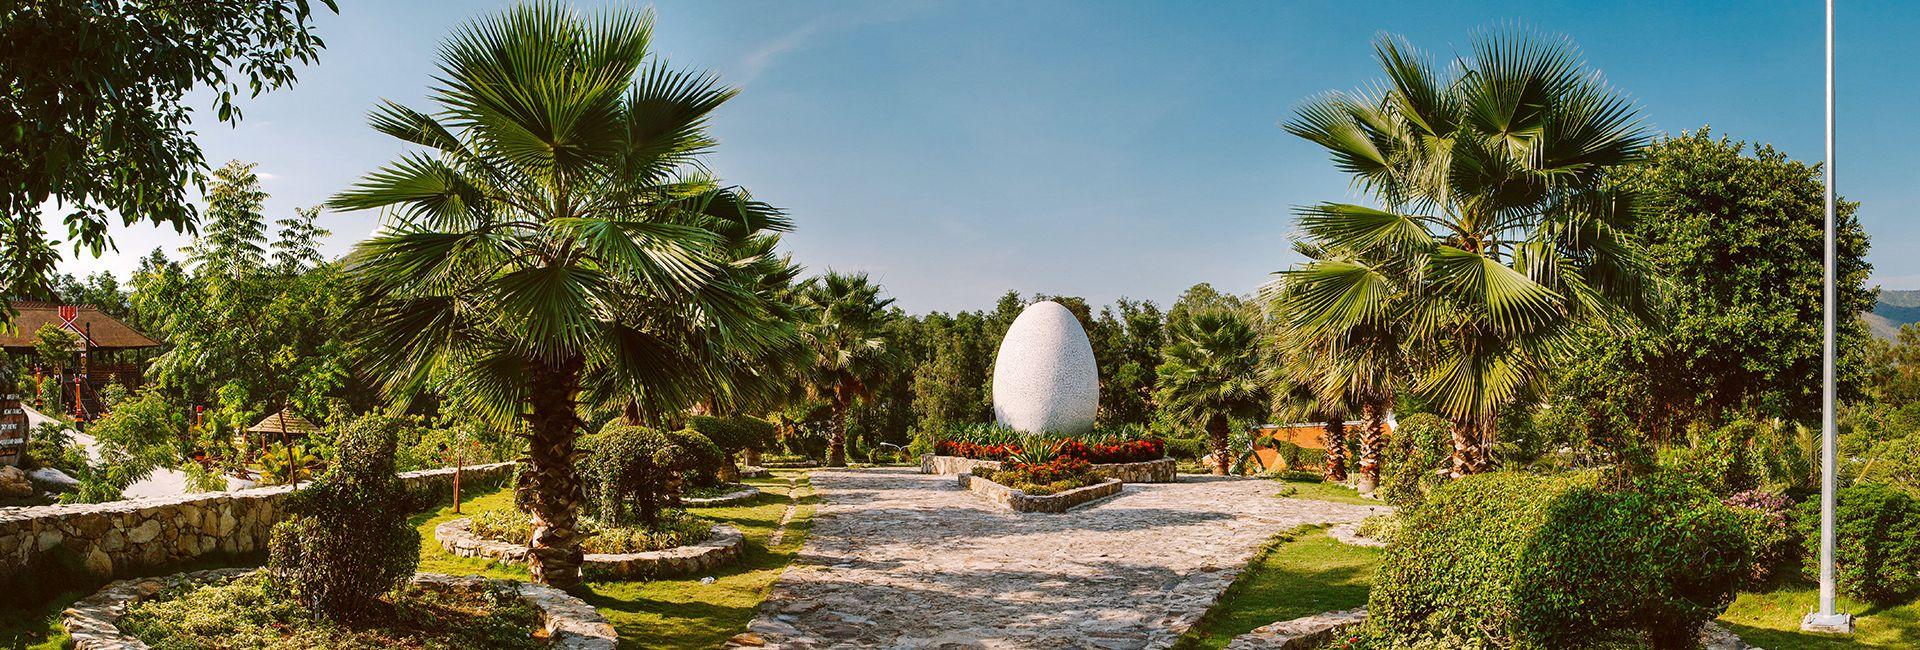 Khám phá khu du lịch Trăm Trứng Nha Trang - điểm đến hot nhất mùa hè!